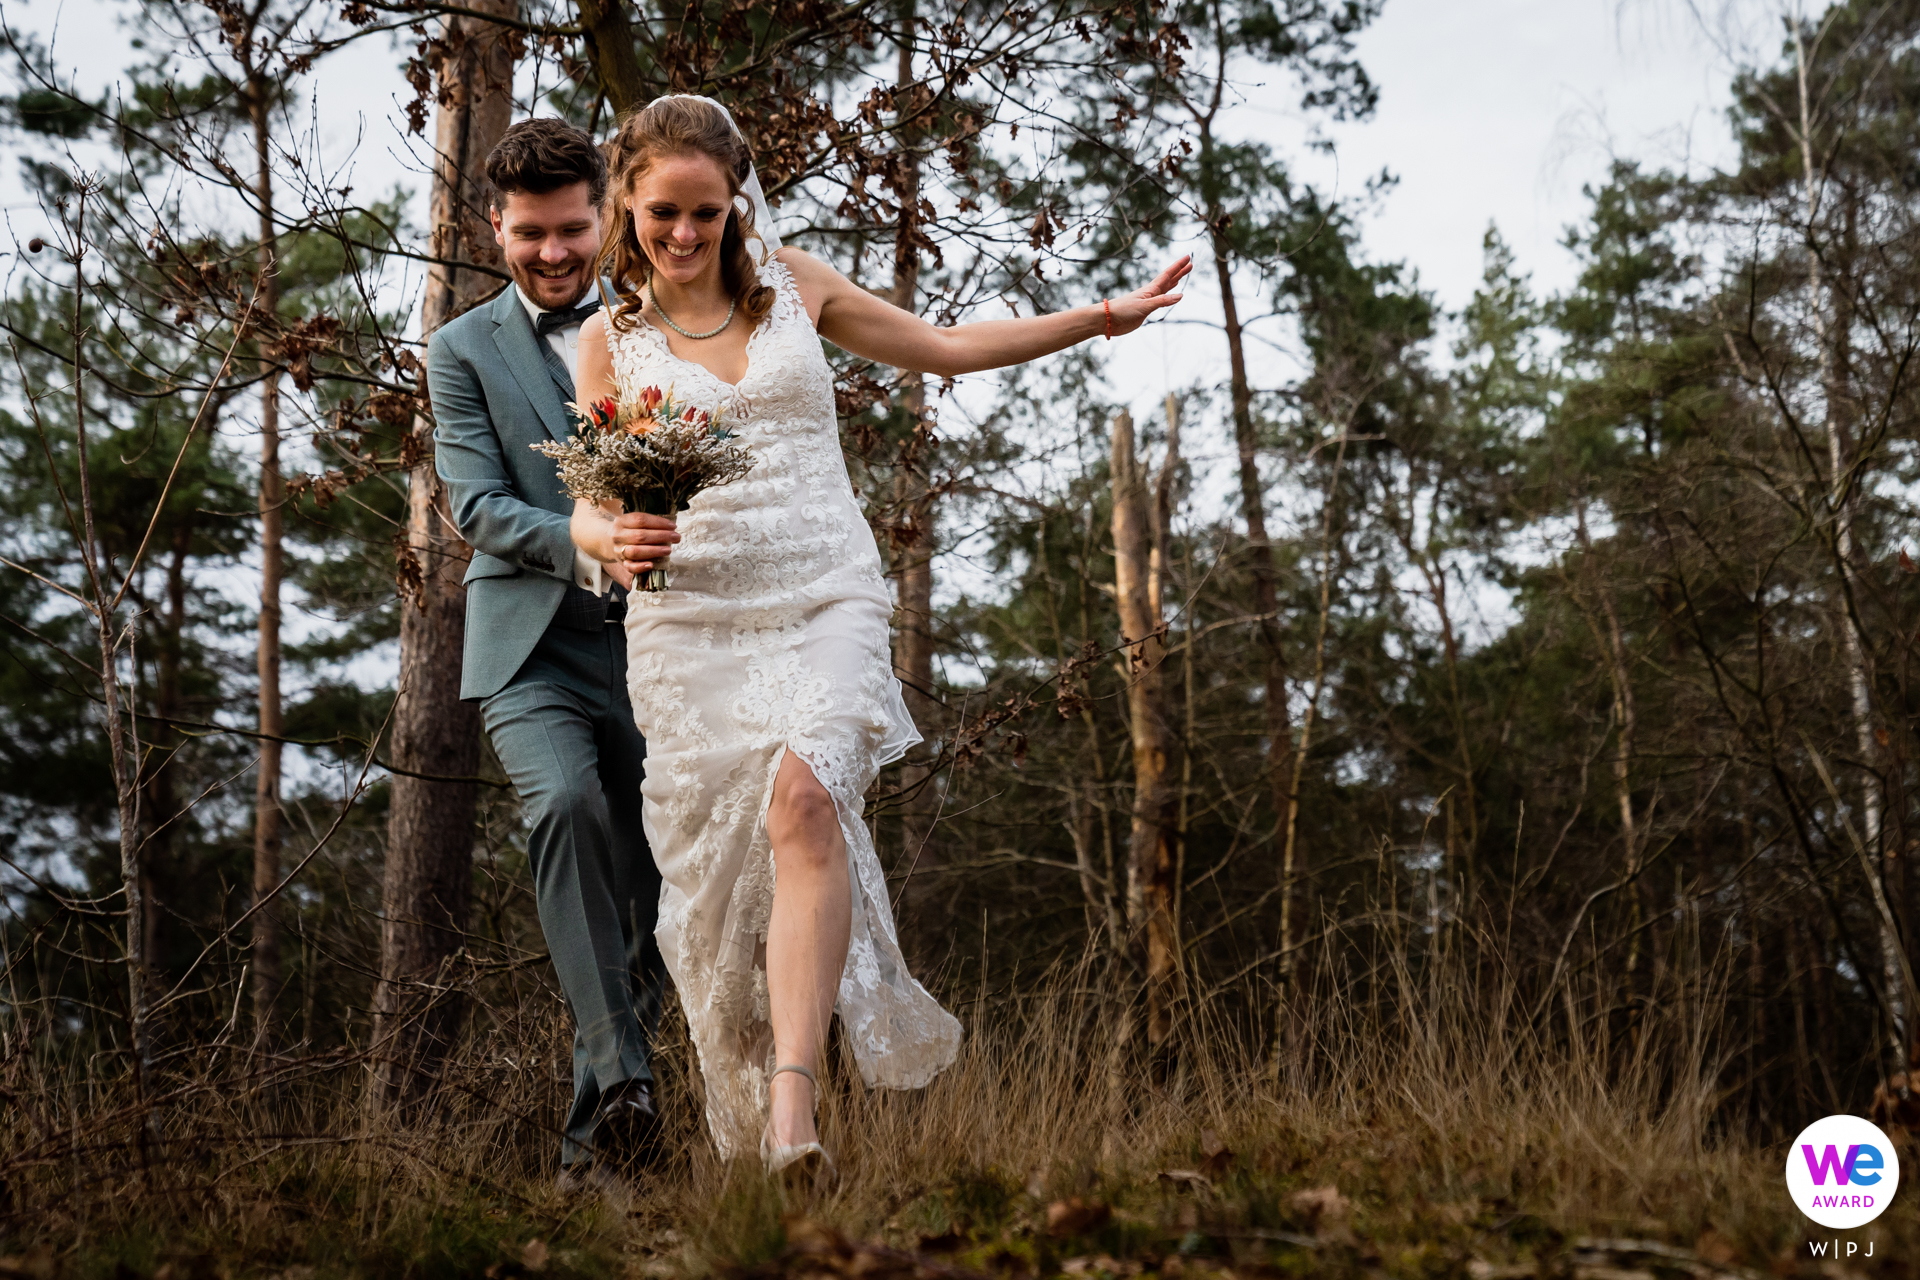 Photographes de mariage professionnels à Harderwijk | la mariée avait un peu de mal à traverser la forêt en talons hauts